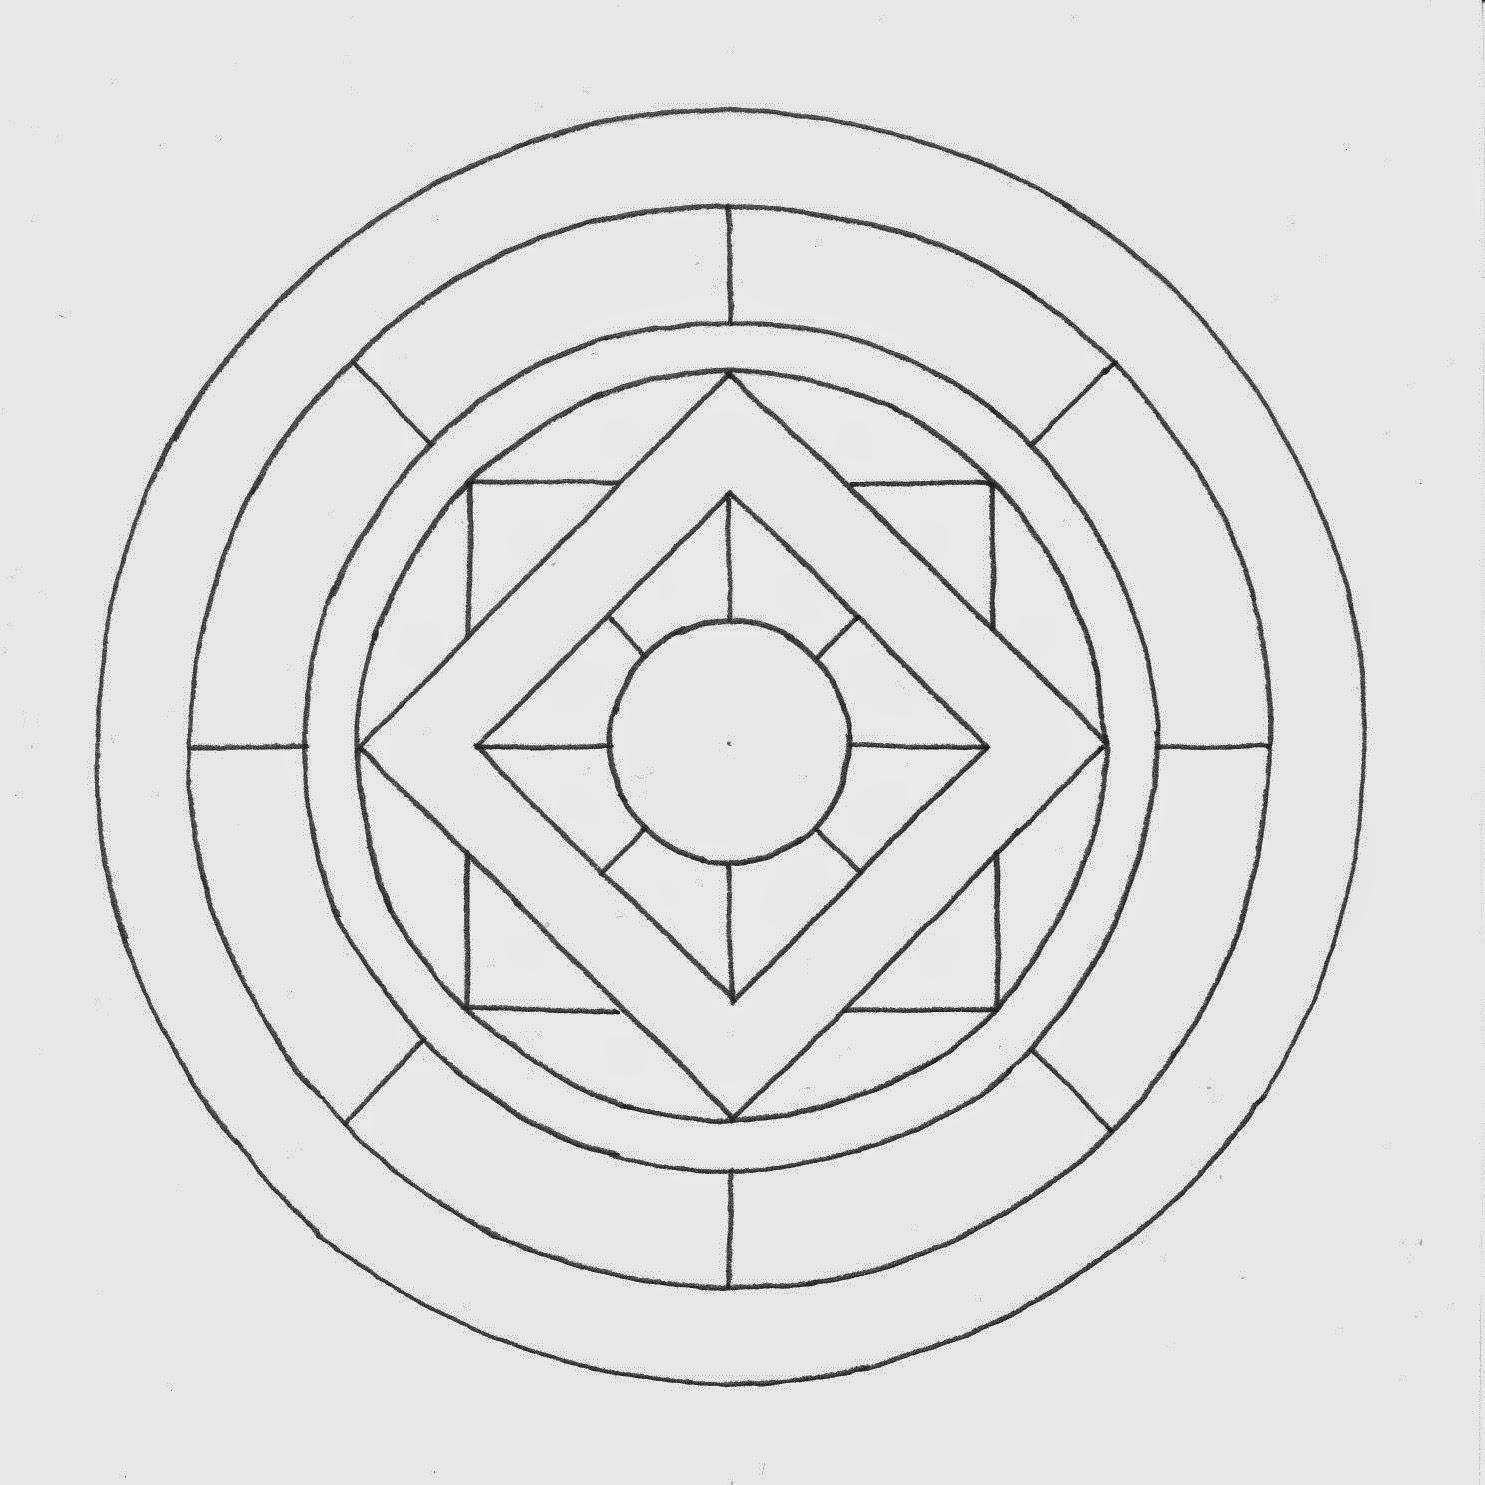 Kleurplaten Hartjes Mandala.Mandala Kleurplaat Kind Krijg Duizenden Kleurenfoto S Van De Beste